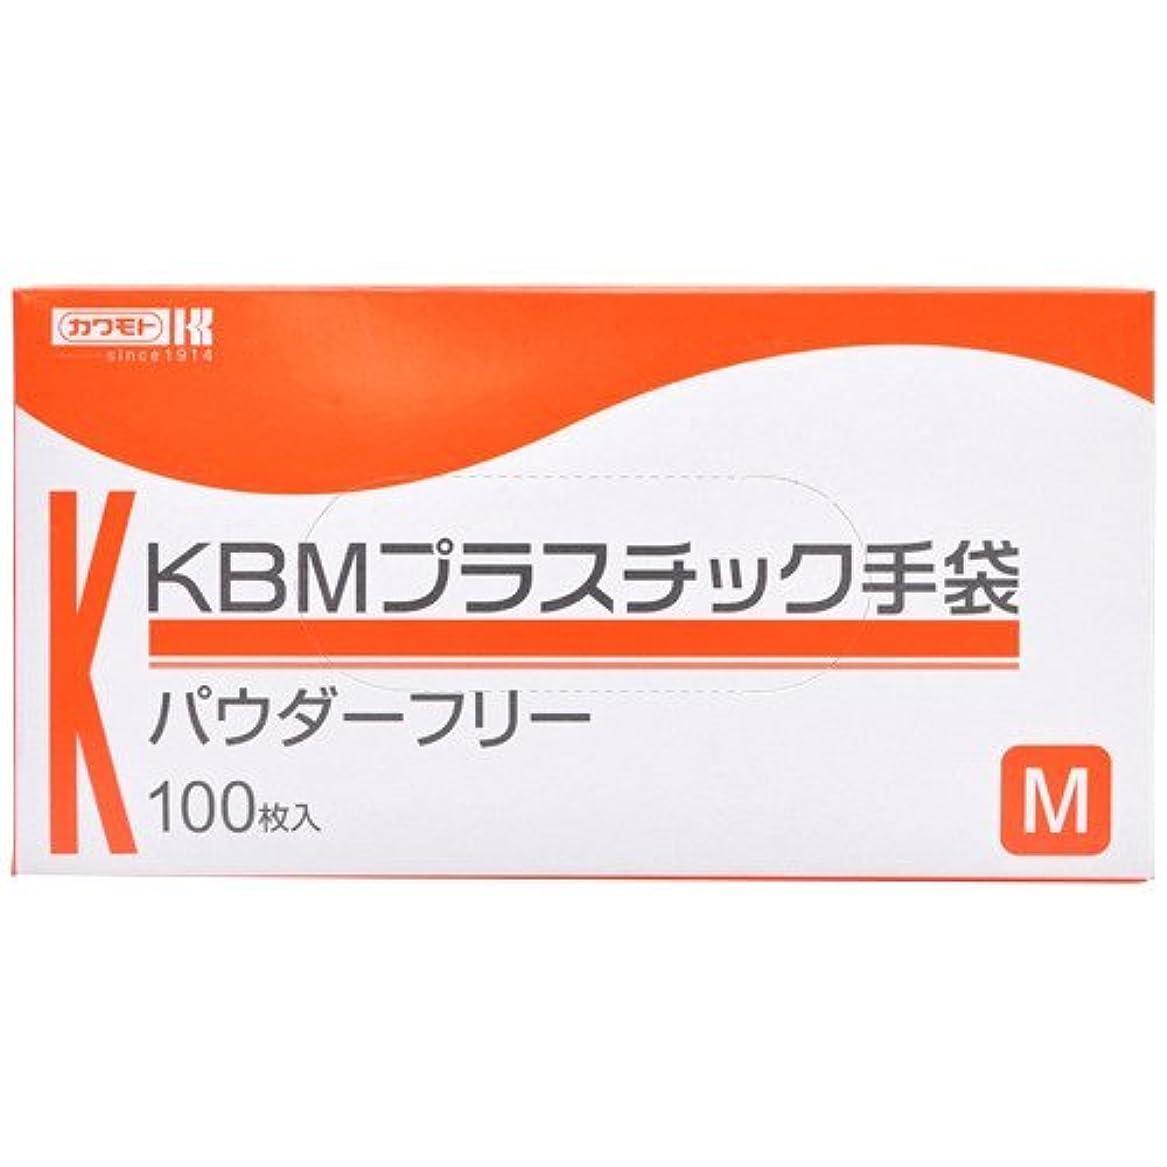 記事同等の移植川本産業 KBMプラスチック手袋 パウダーフリー M 100枚入